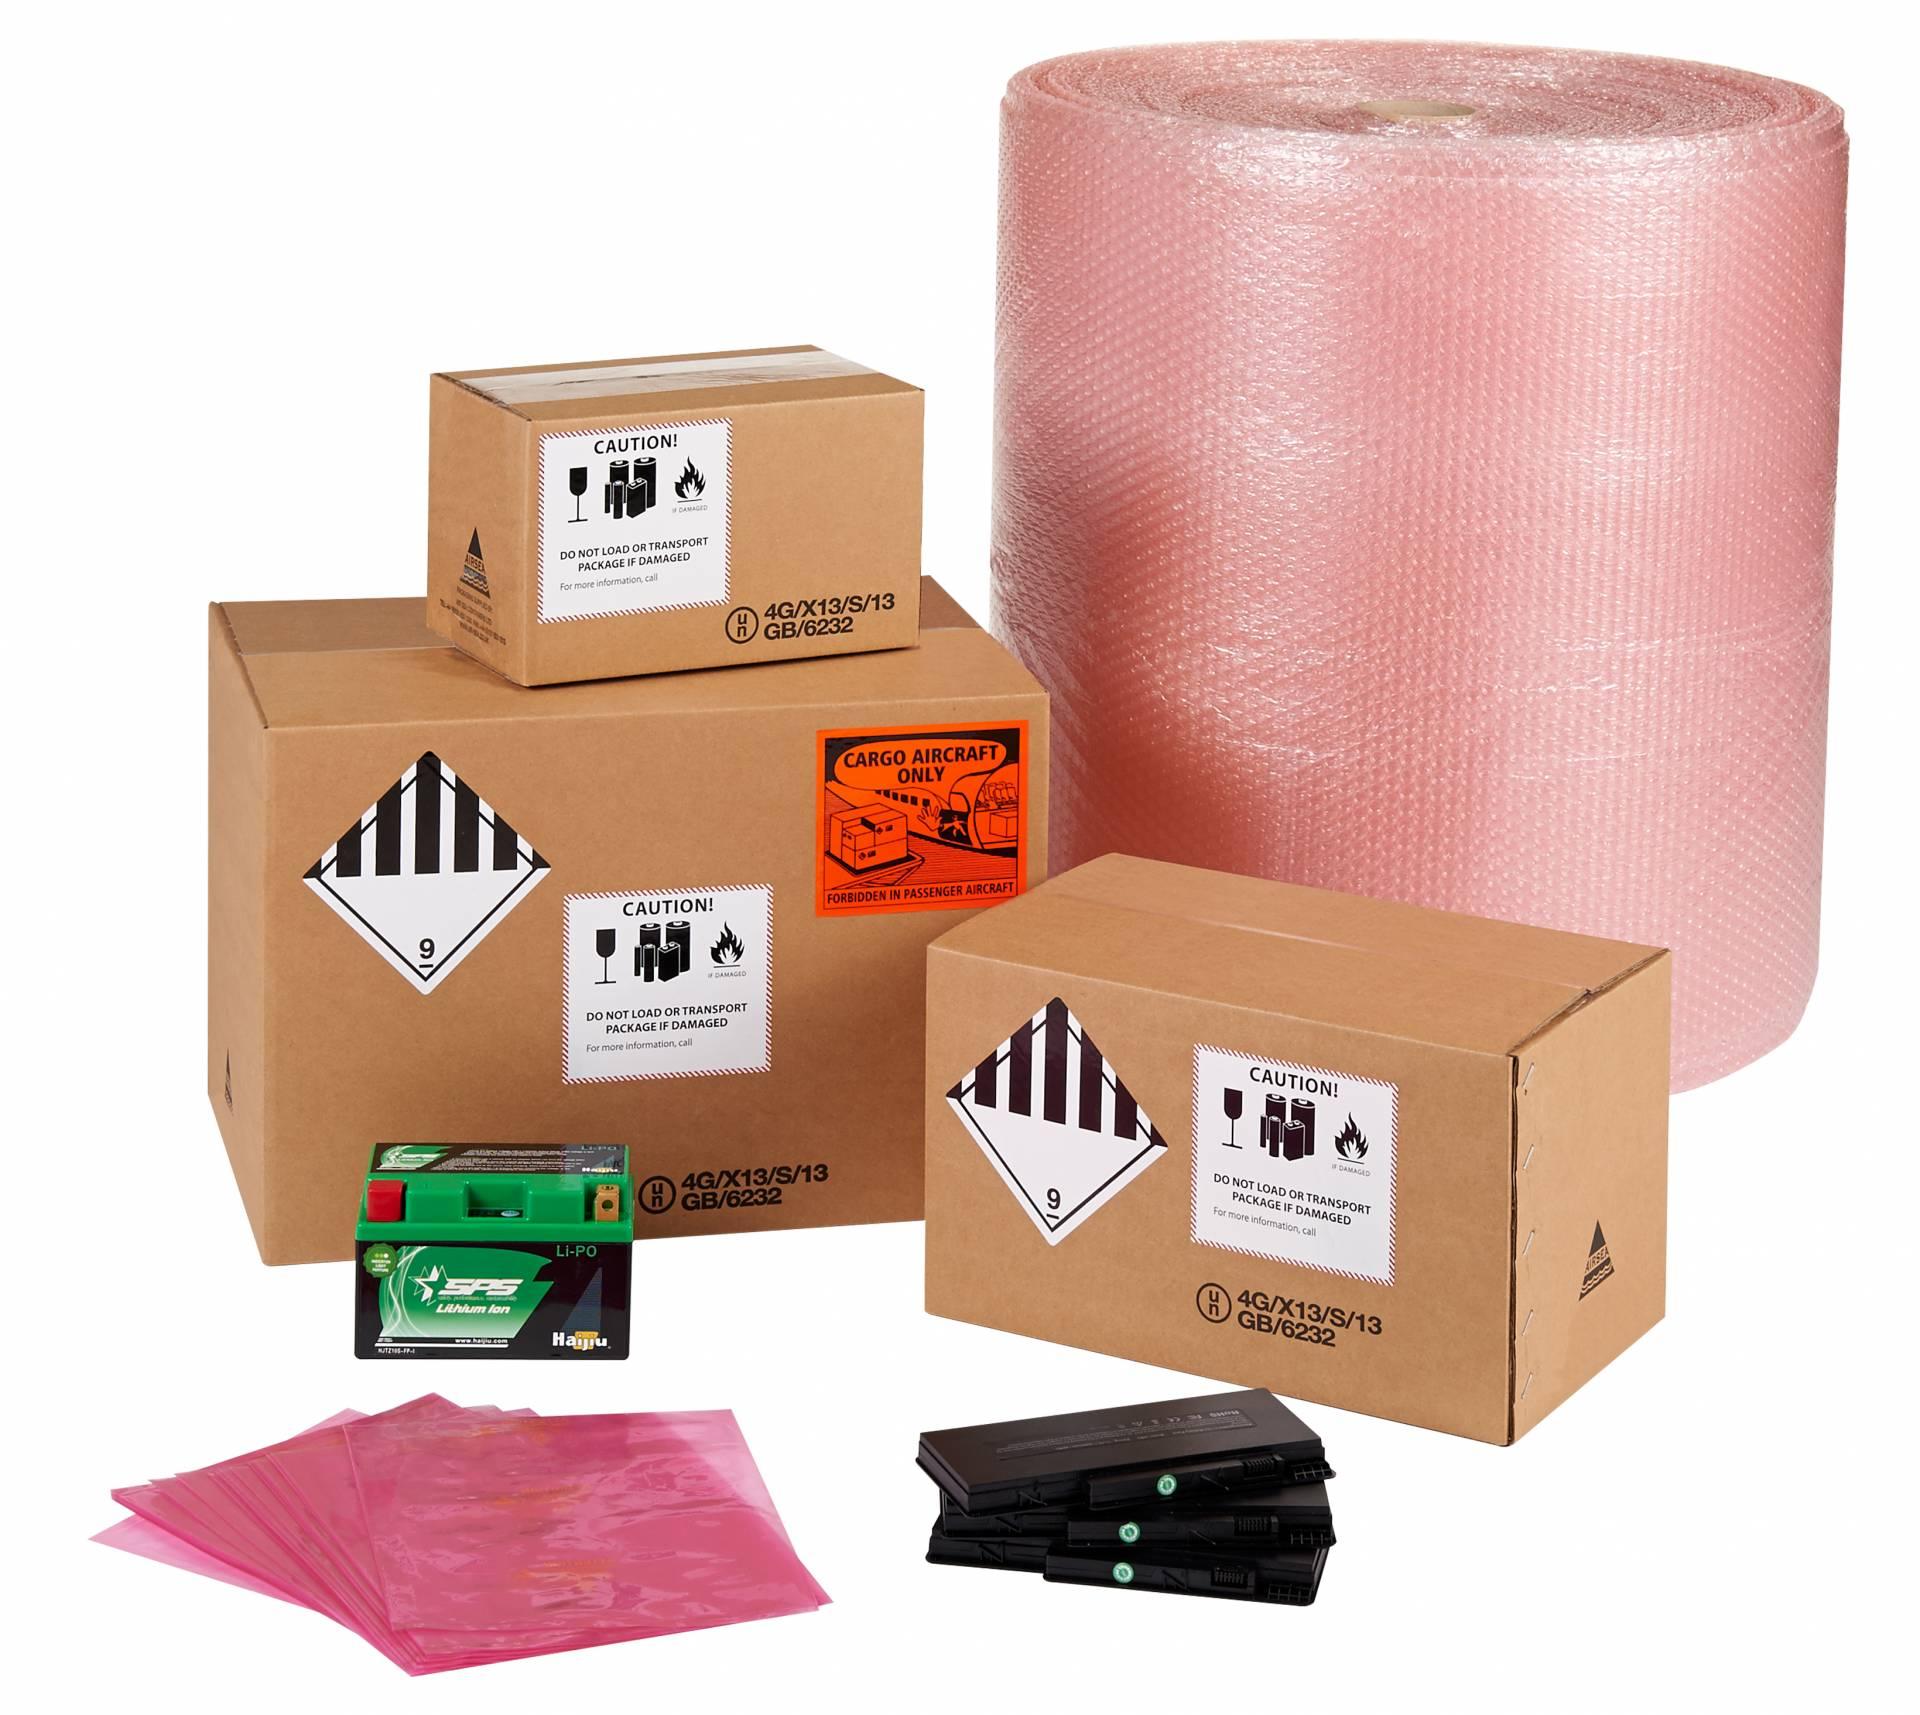 Lithium batterij verpakkingsmateriaal